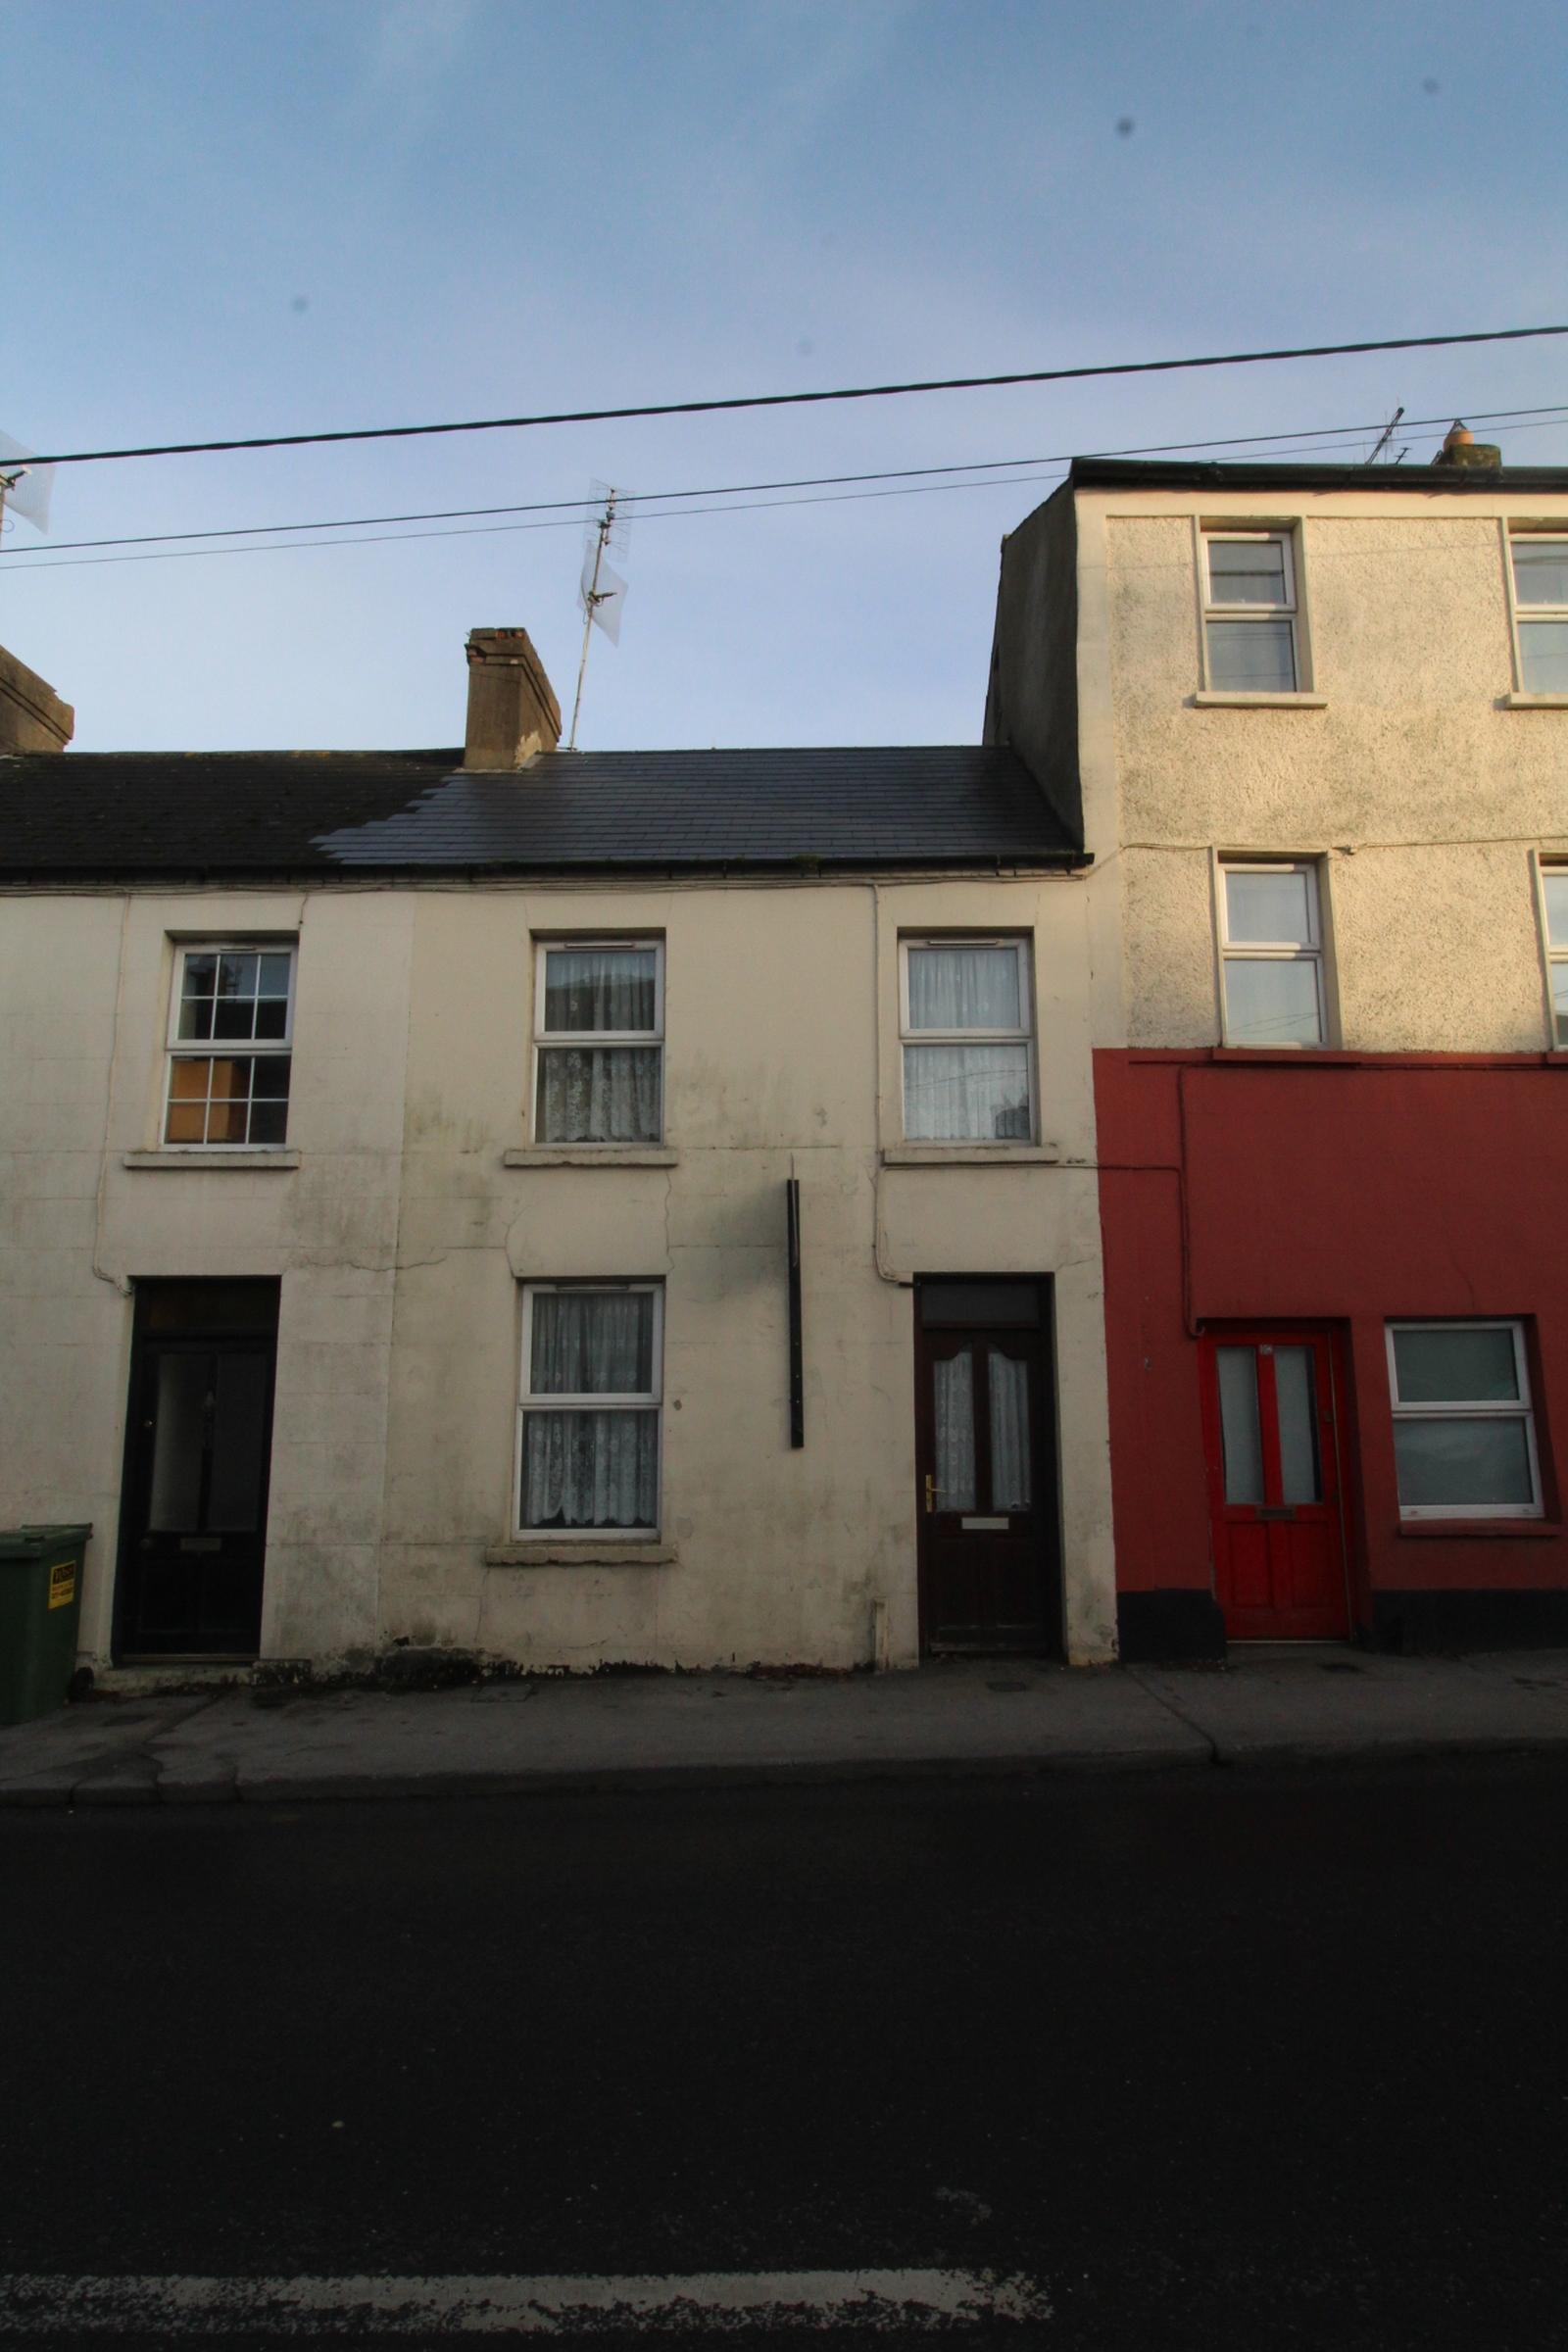 21 Ballydaheen East, Mallow, Co. Cork